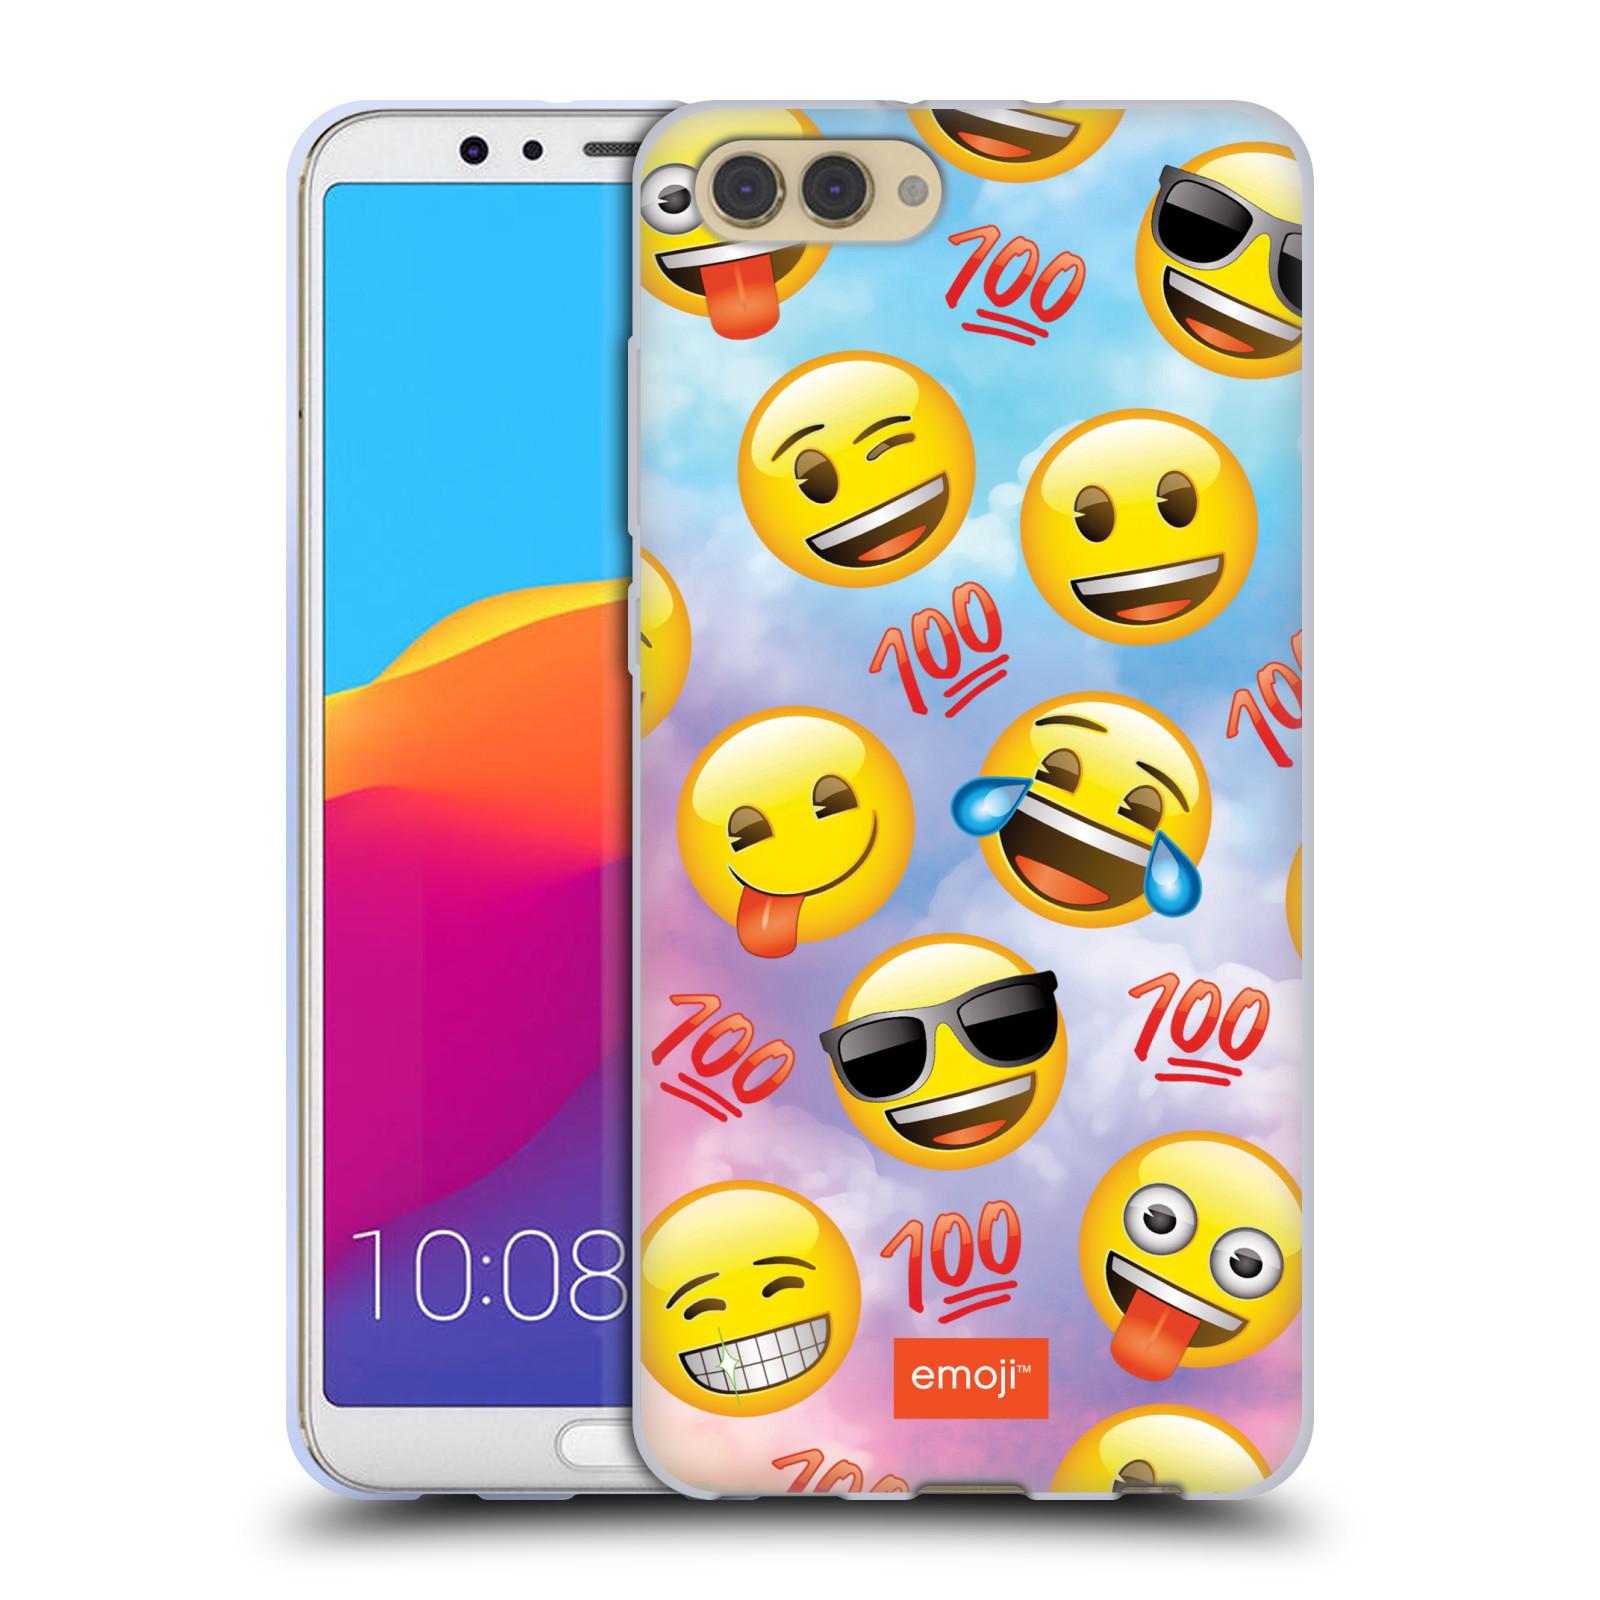 HEAD CASE silikonový obal na mobil Huawei HONOR VIEW 10 / V10 smajlík oficiální kryt EMOJI velký smajlík štastlivci